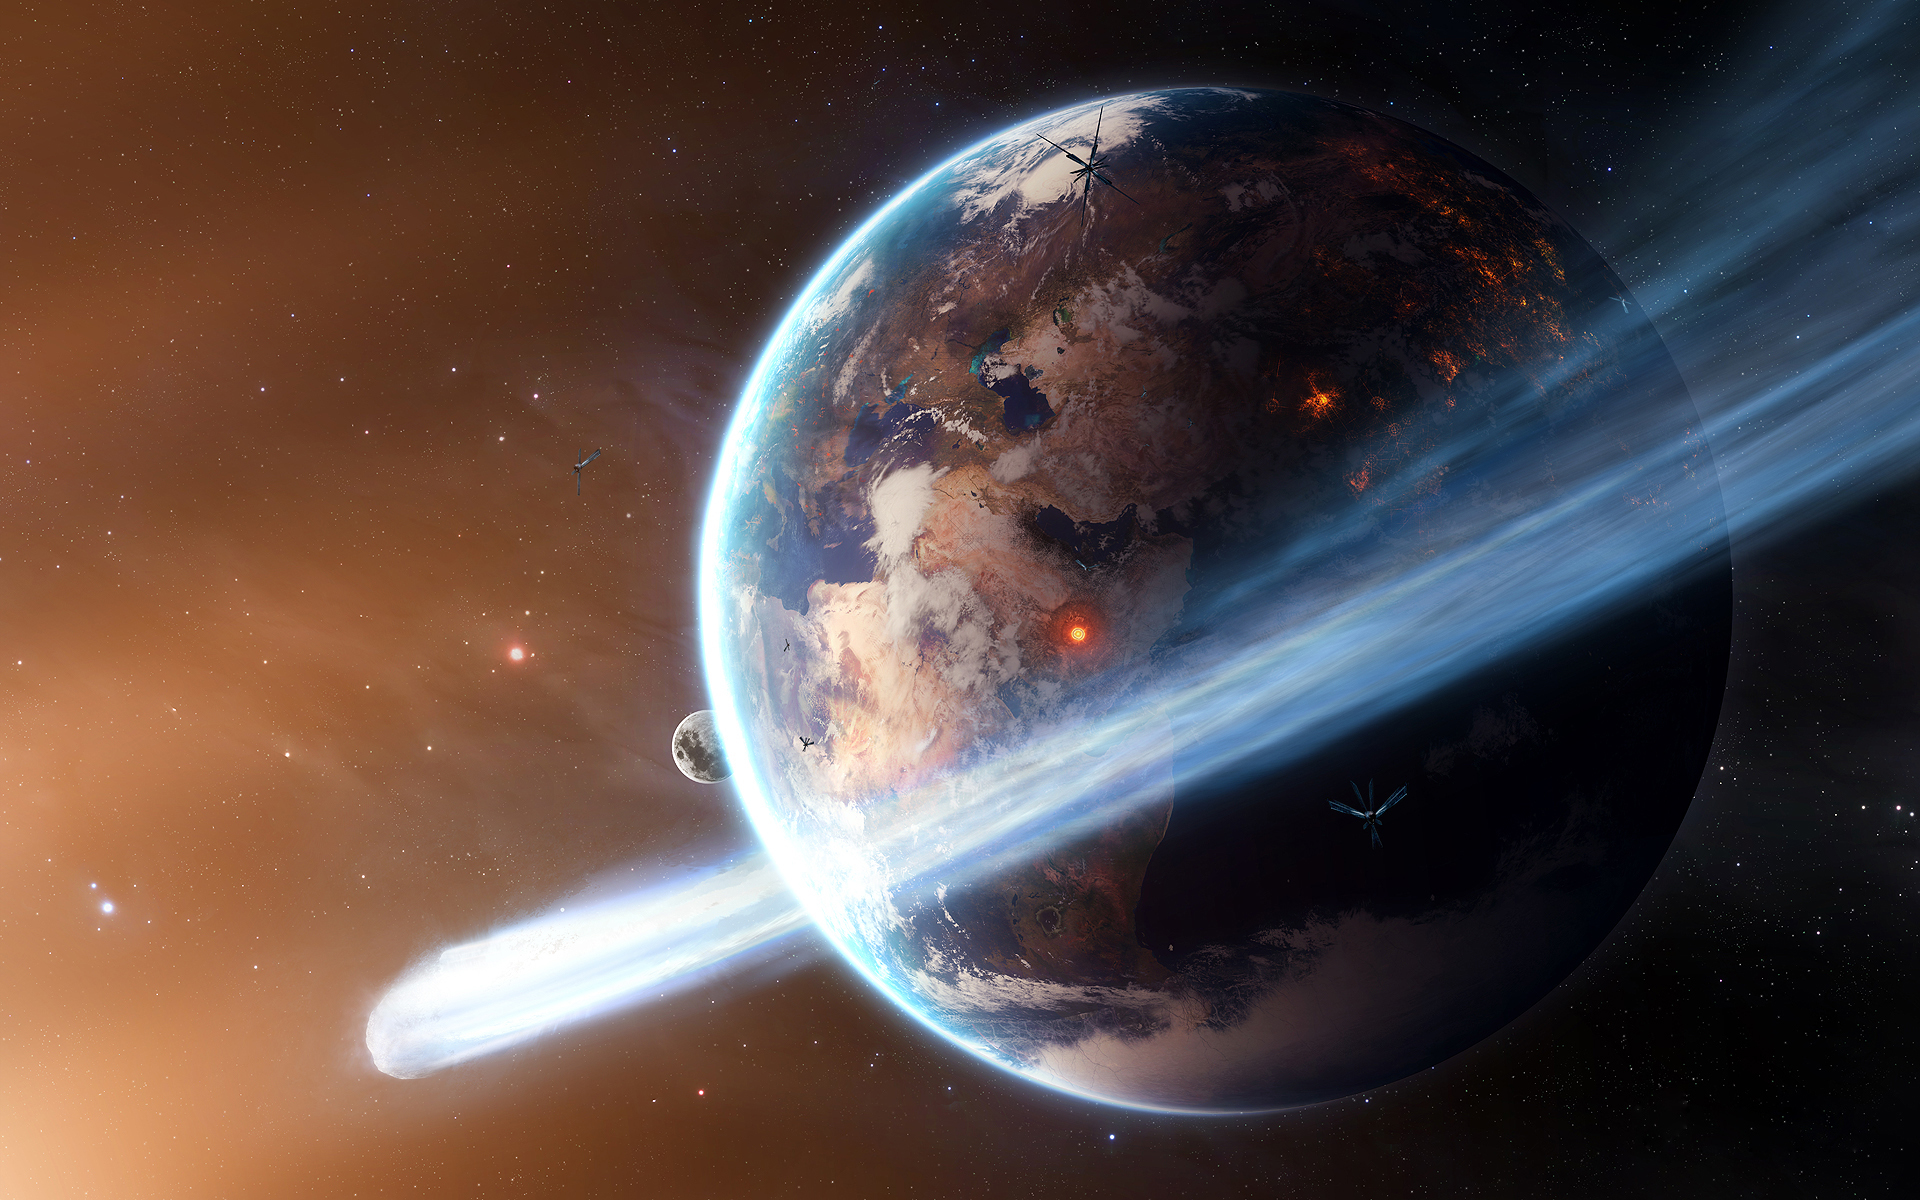 Обои космос земля спутник картинки на рабочий стол на тему Космос - скачать  № 1758097  скачать